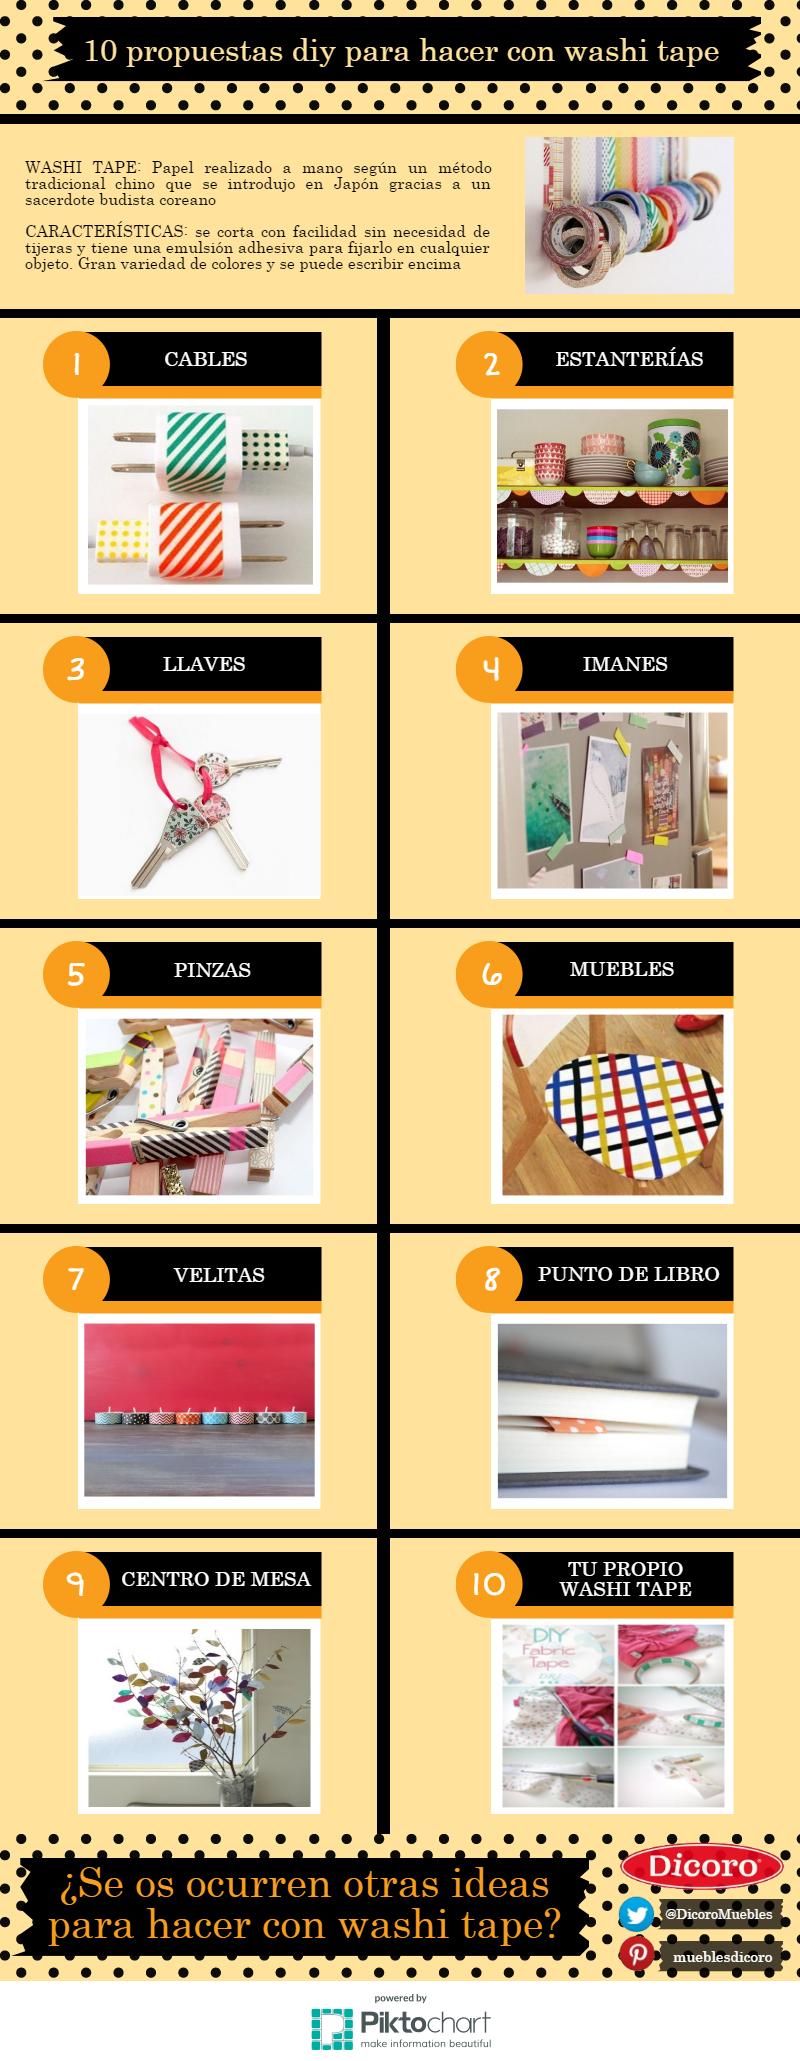 propuestas diy para decorar con washi tape